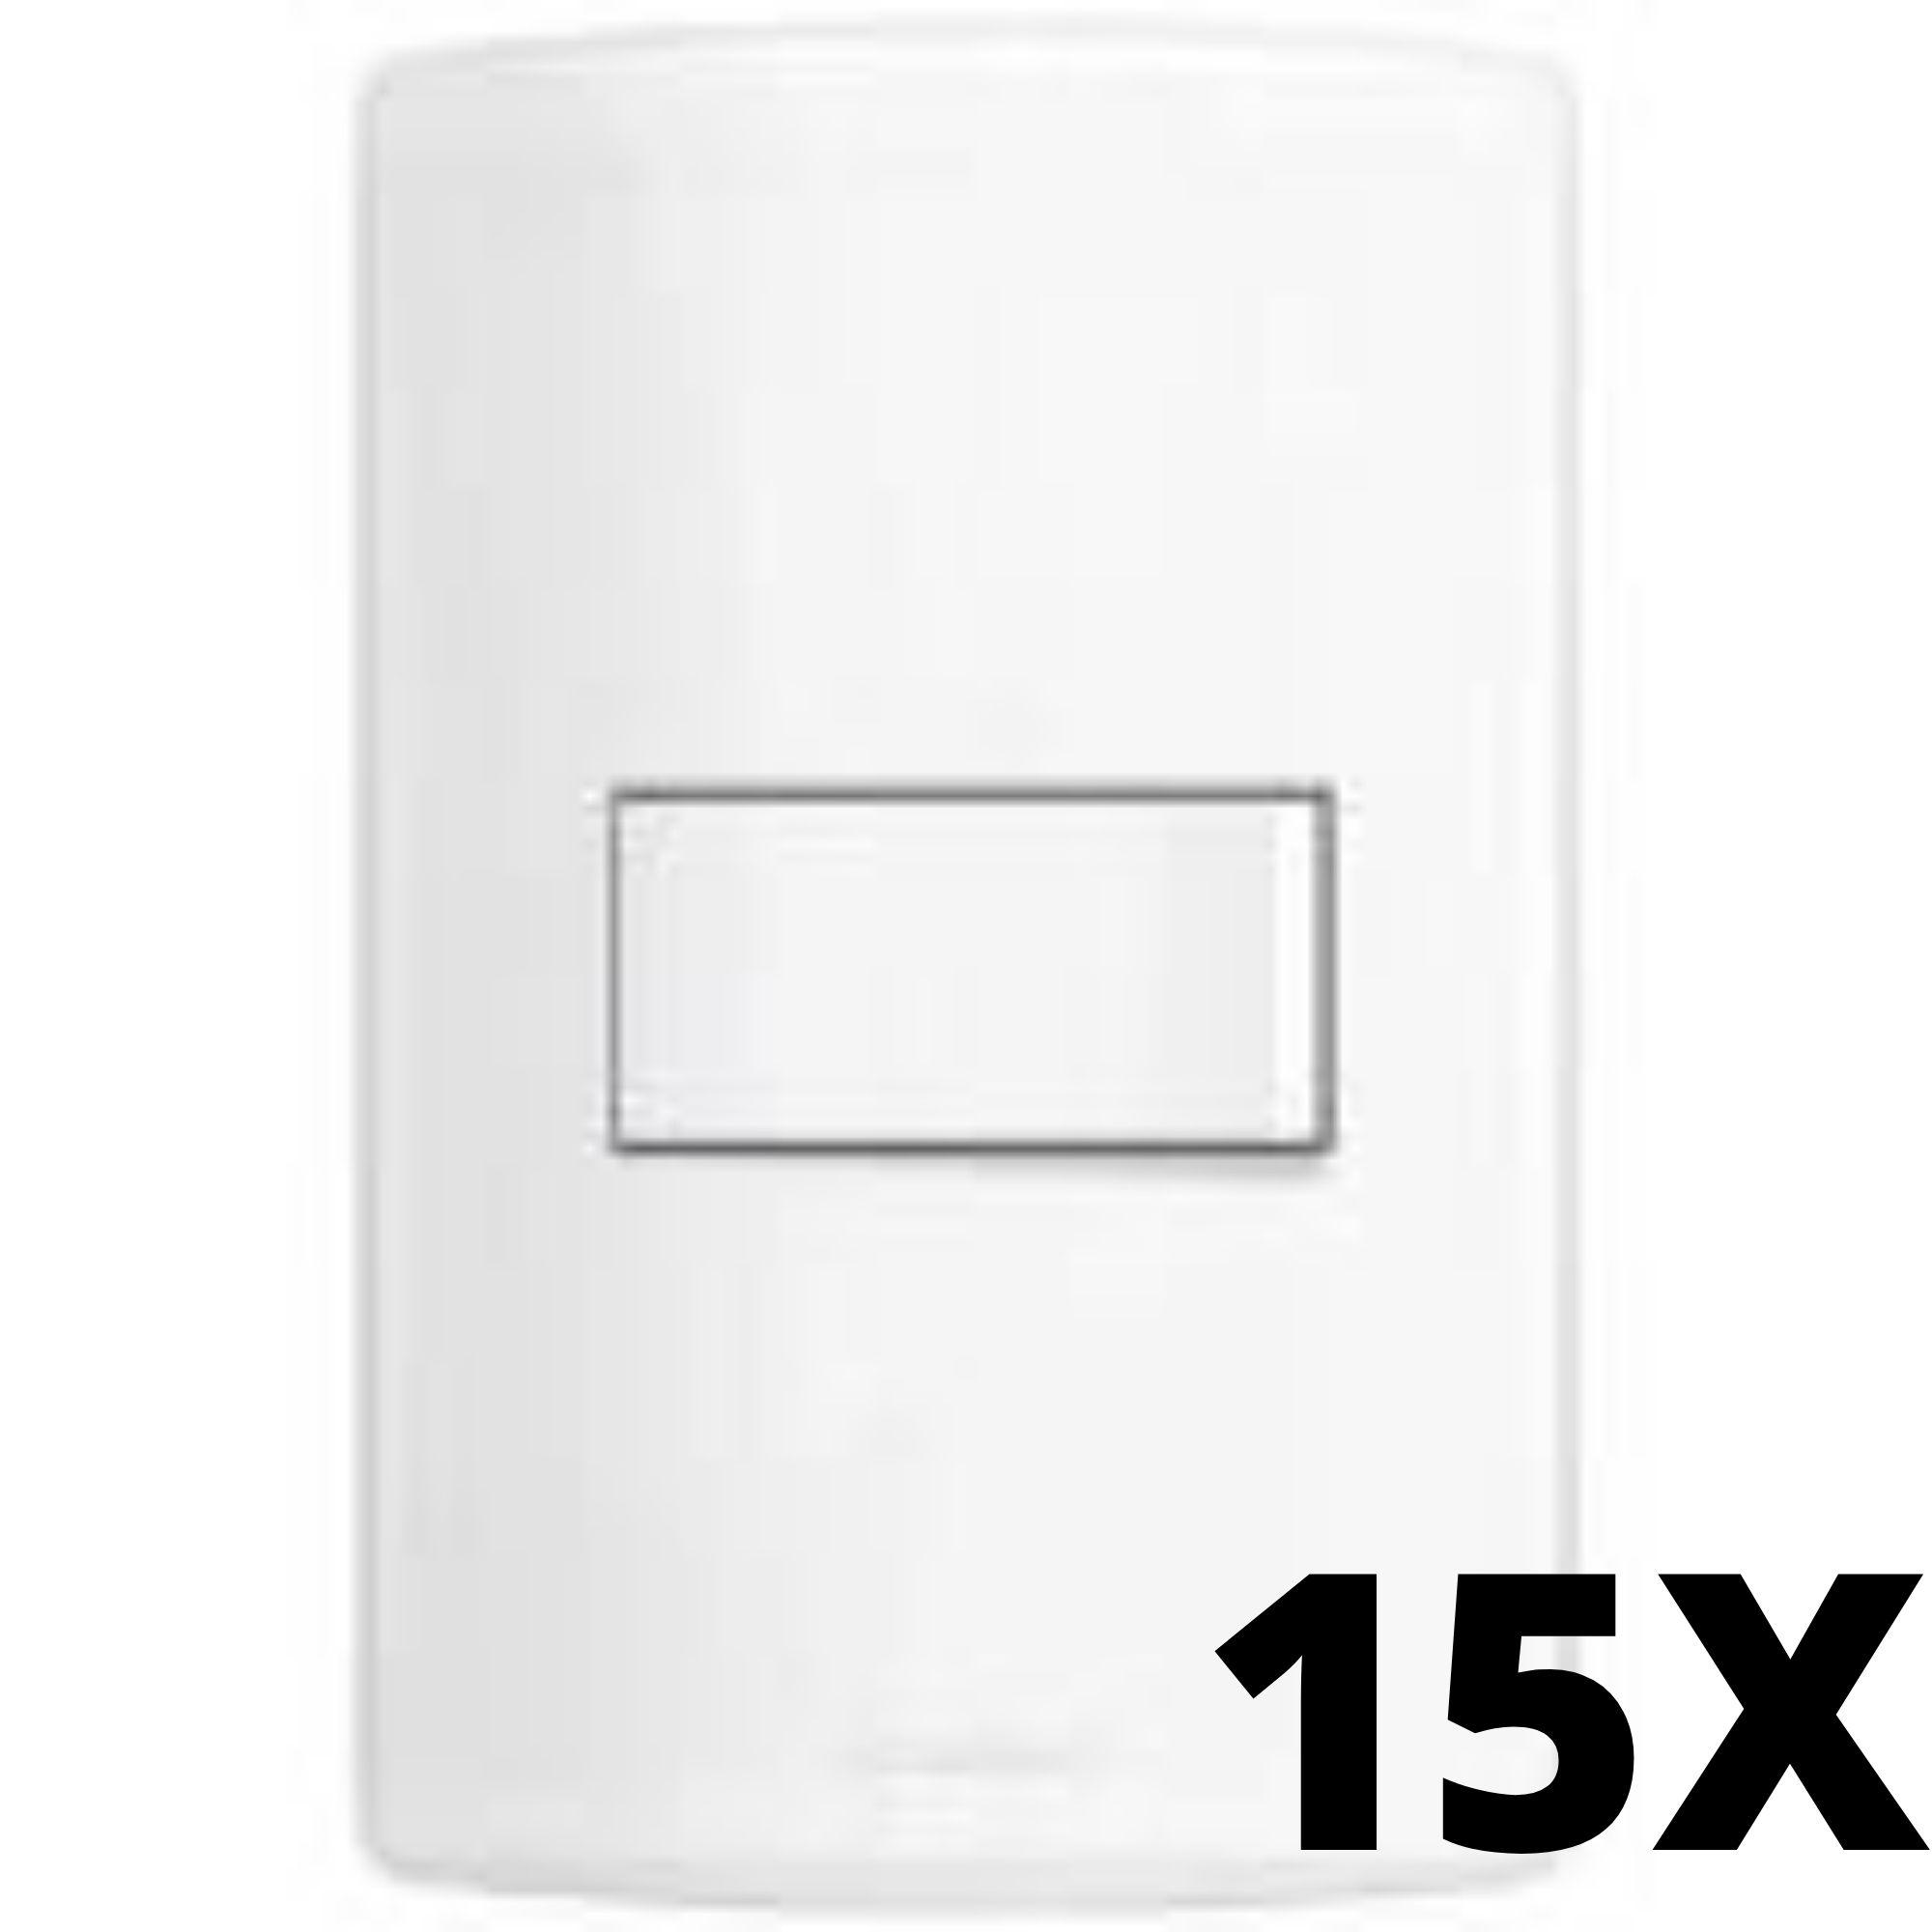 Kit 15 und Alumbra Bianco Pró 1 Seção de Interruptor Simples Com Placa